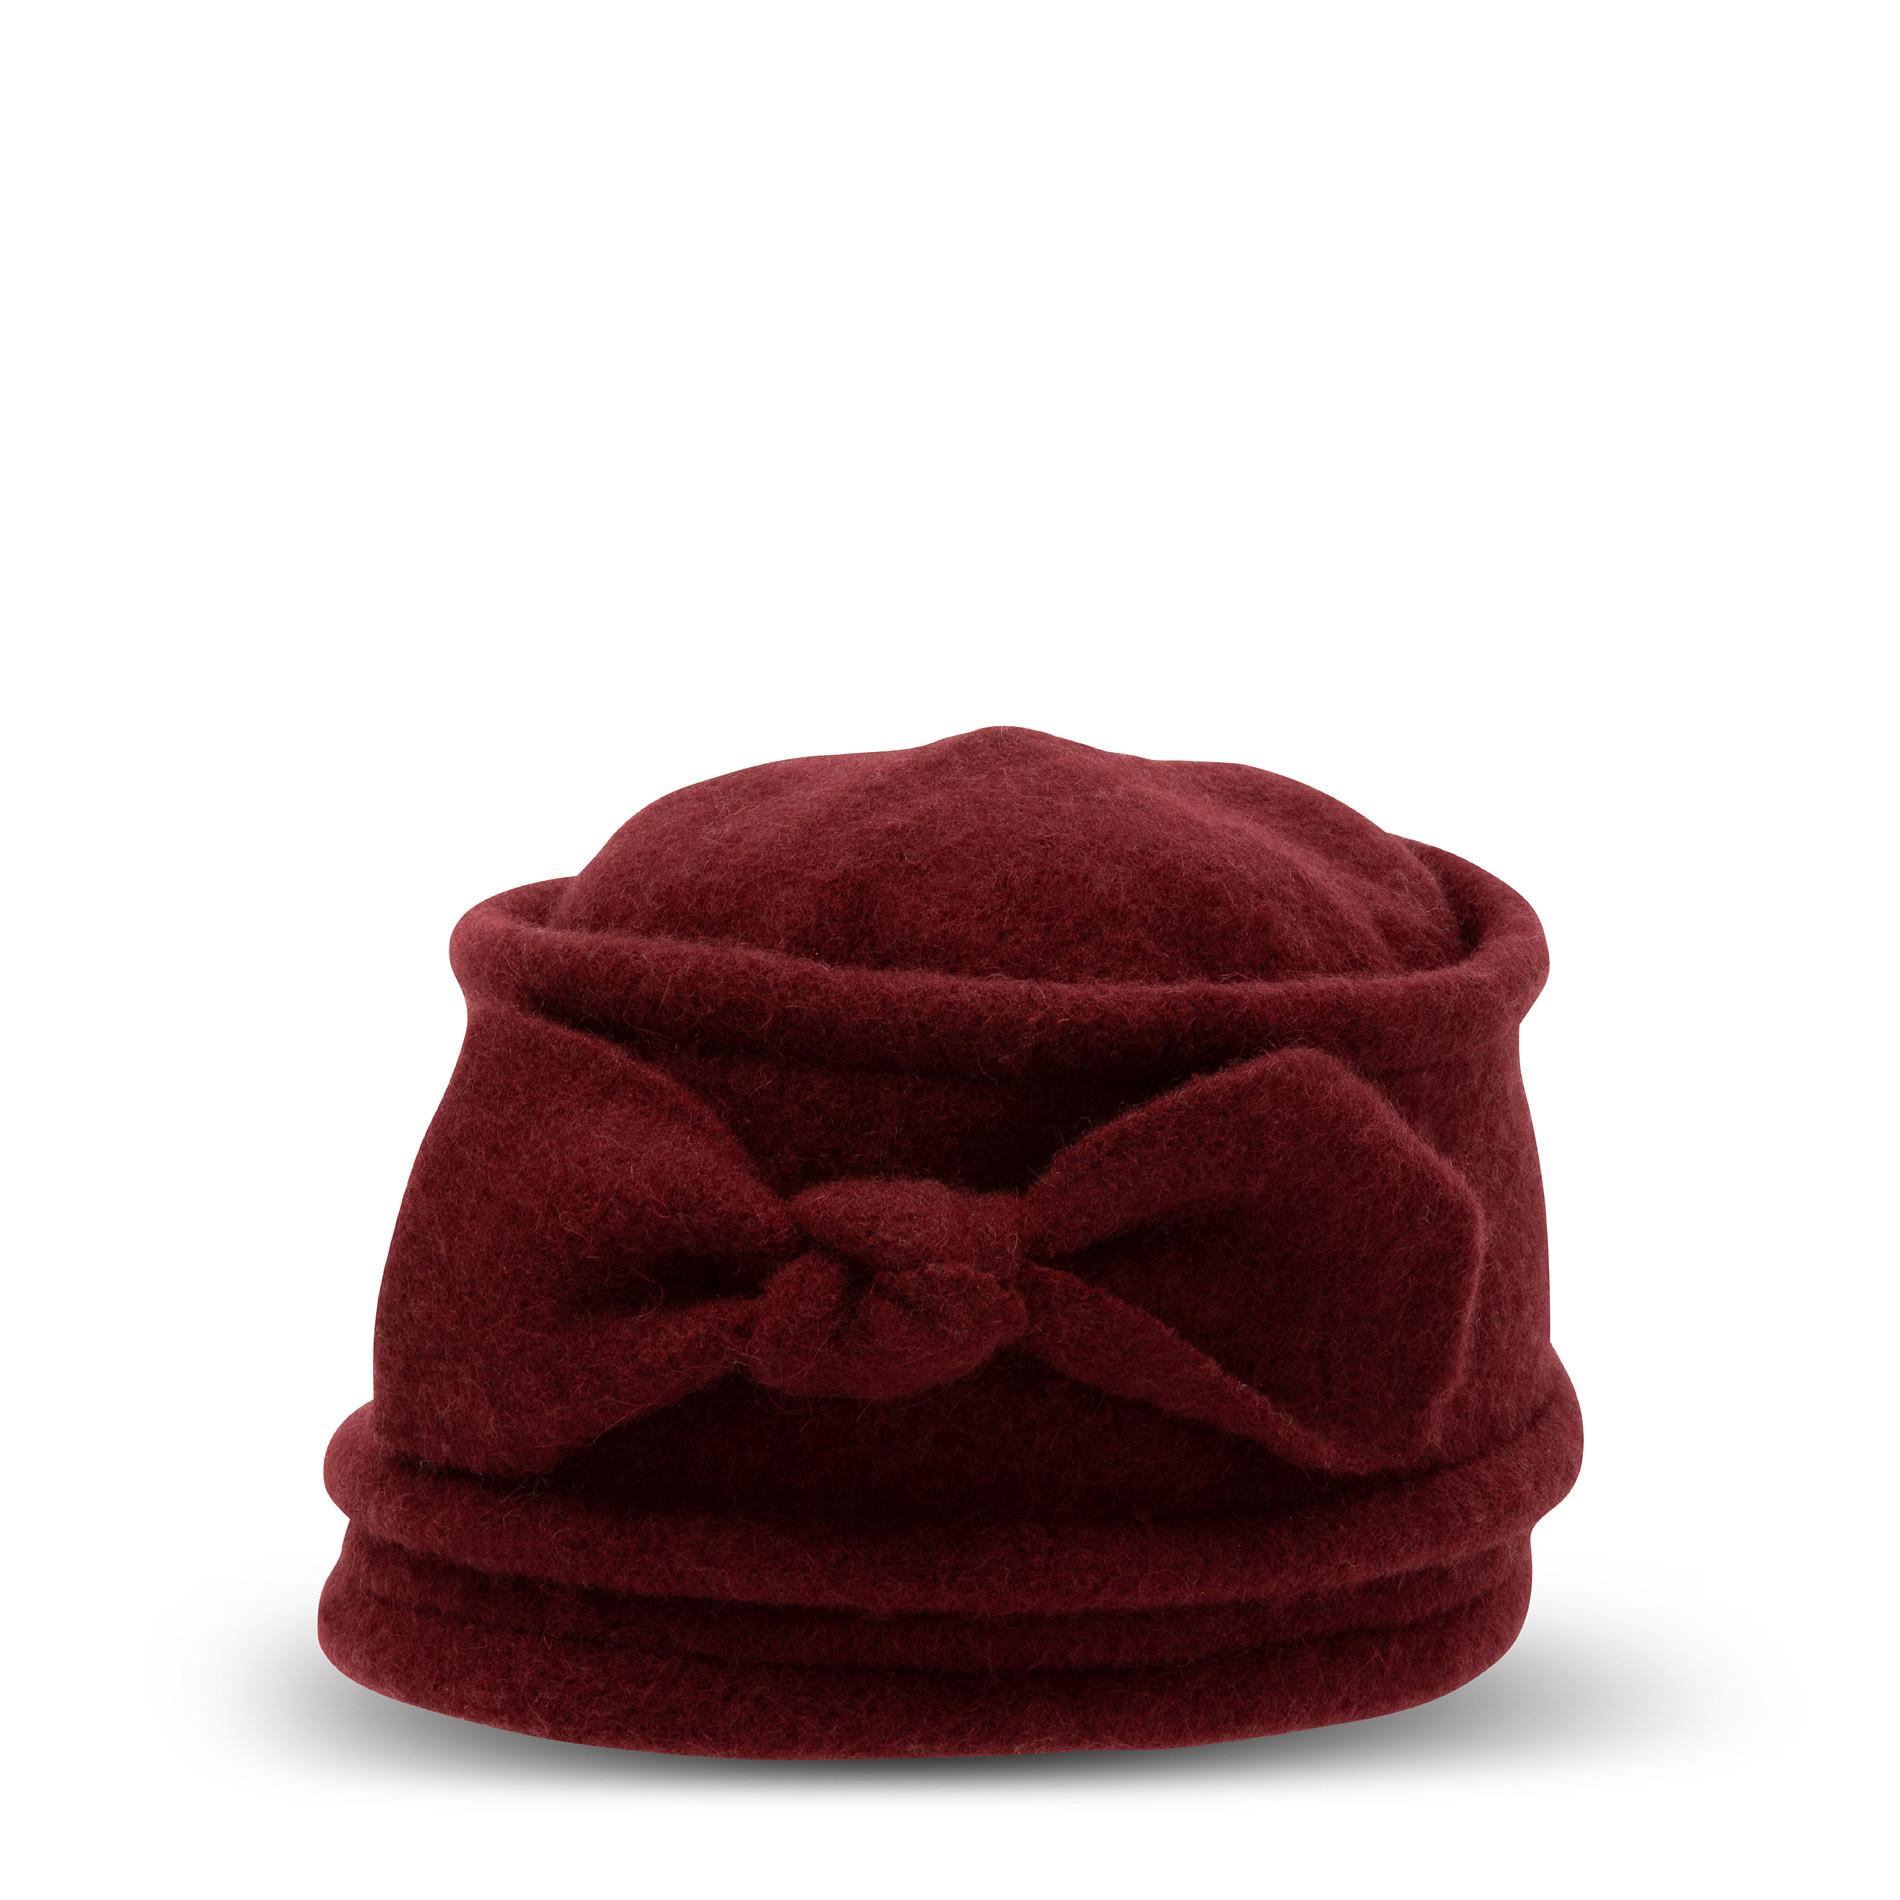 Berretto pura lana con fiocco Koan, Rosso scuro, large image number 0